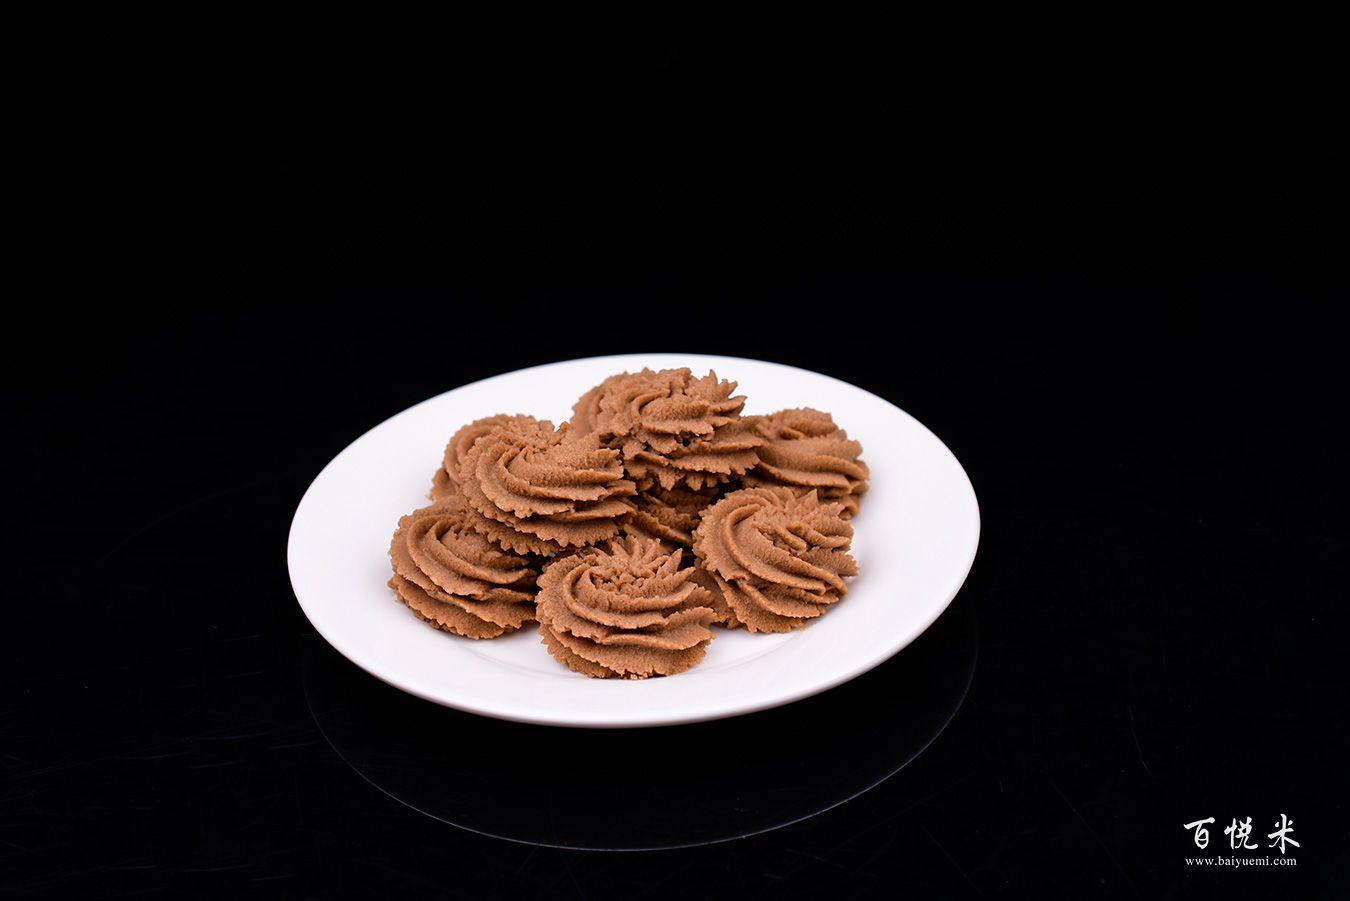 巧克力曲奇饼干高清图片大全【蛋糕图片】_445